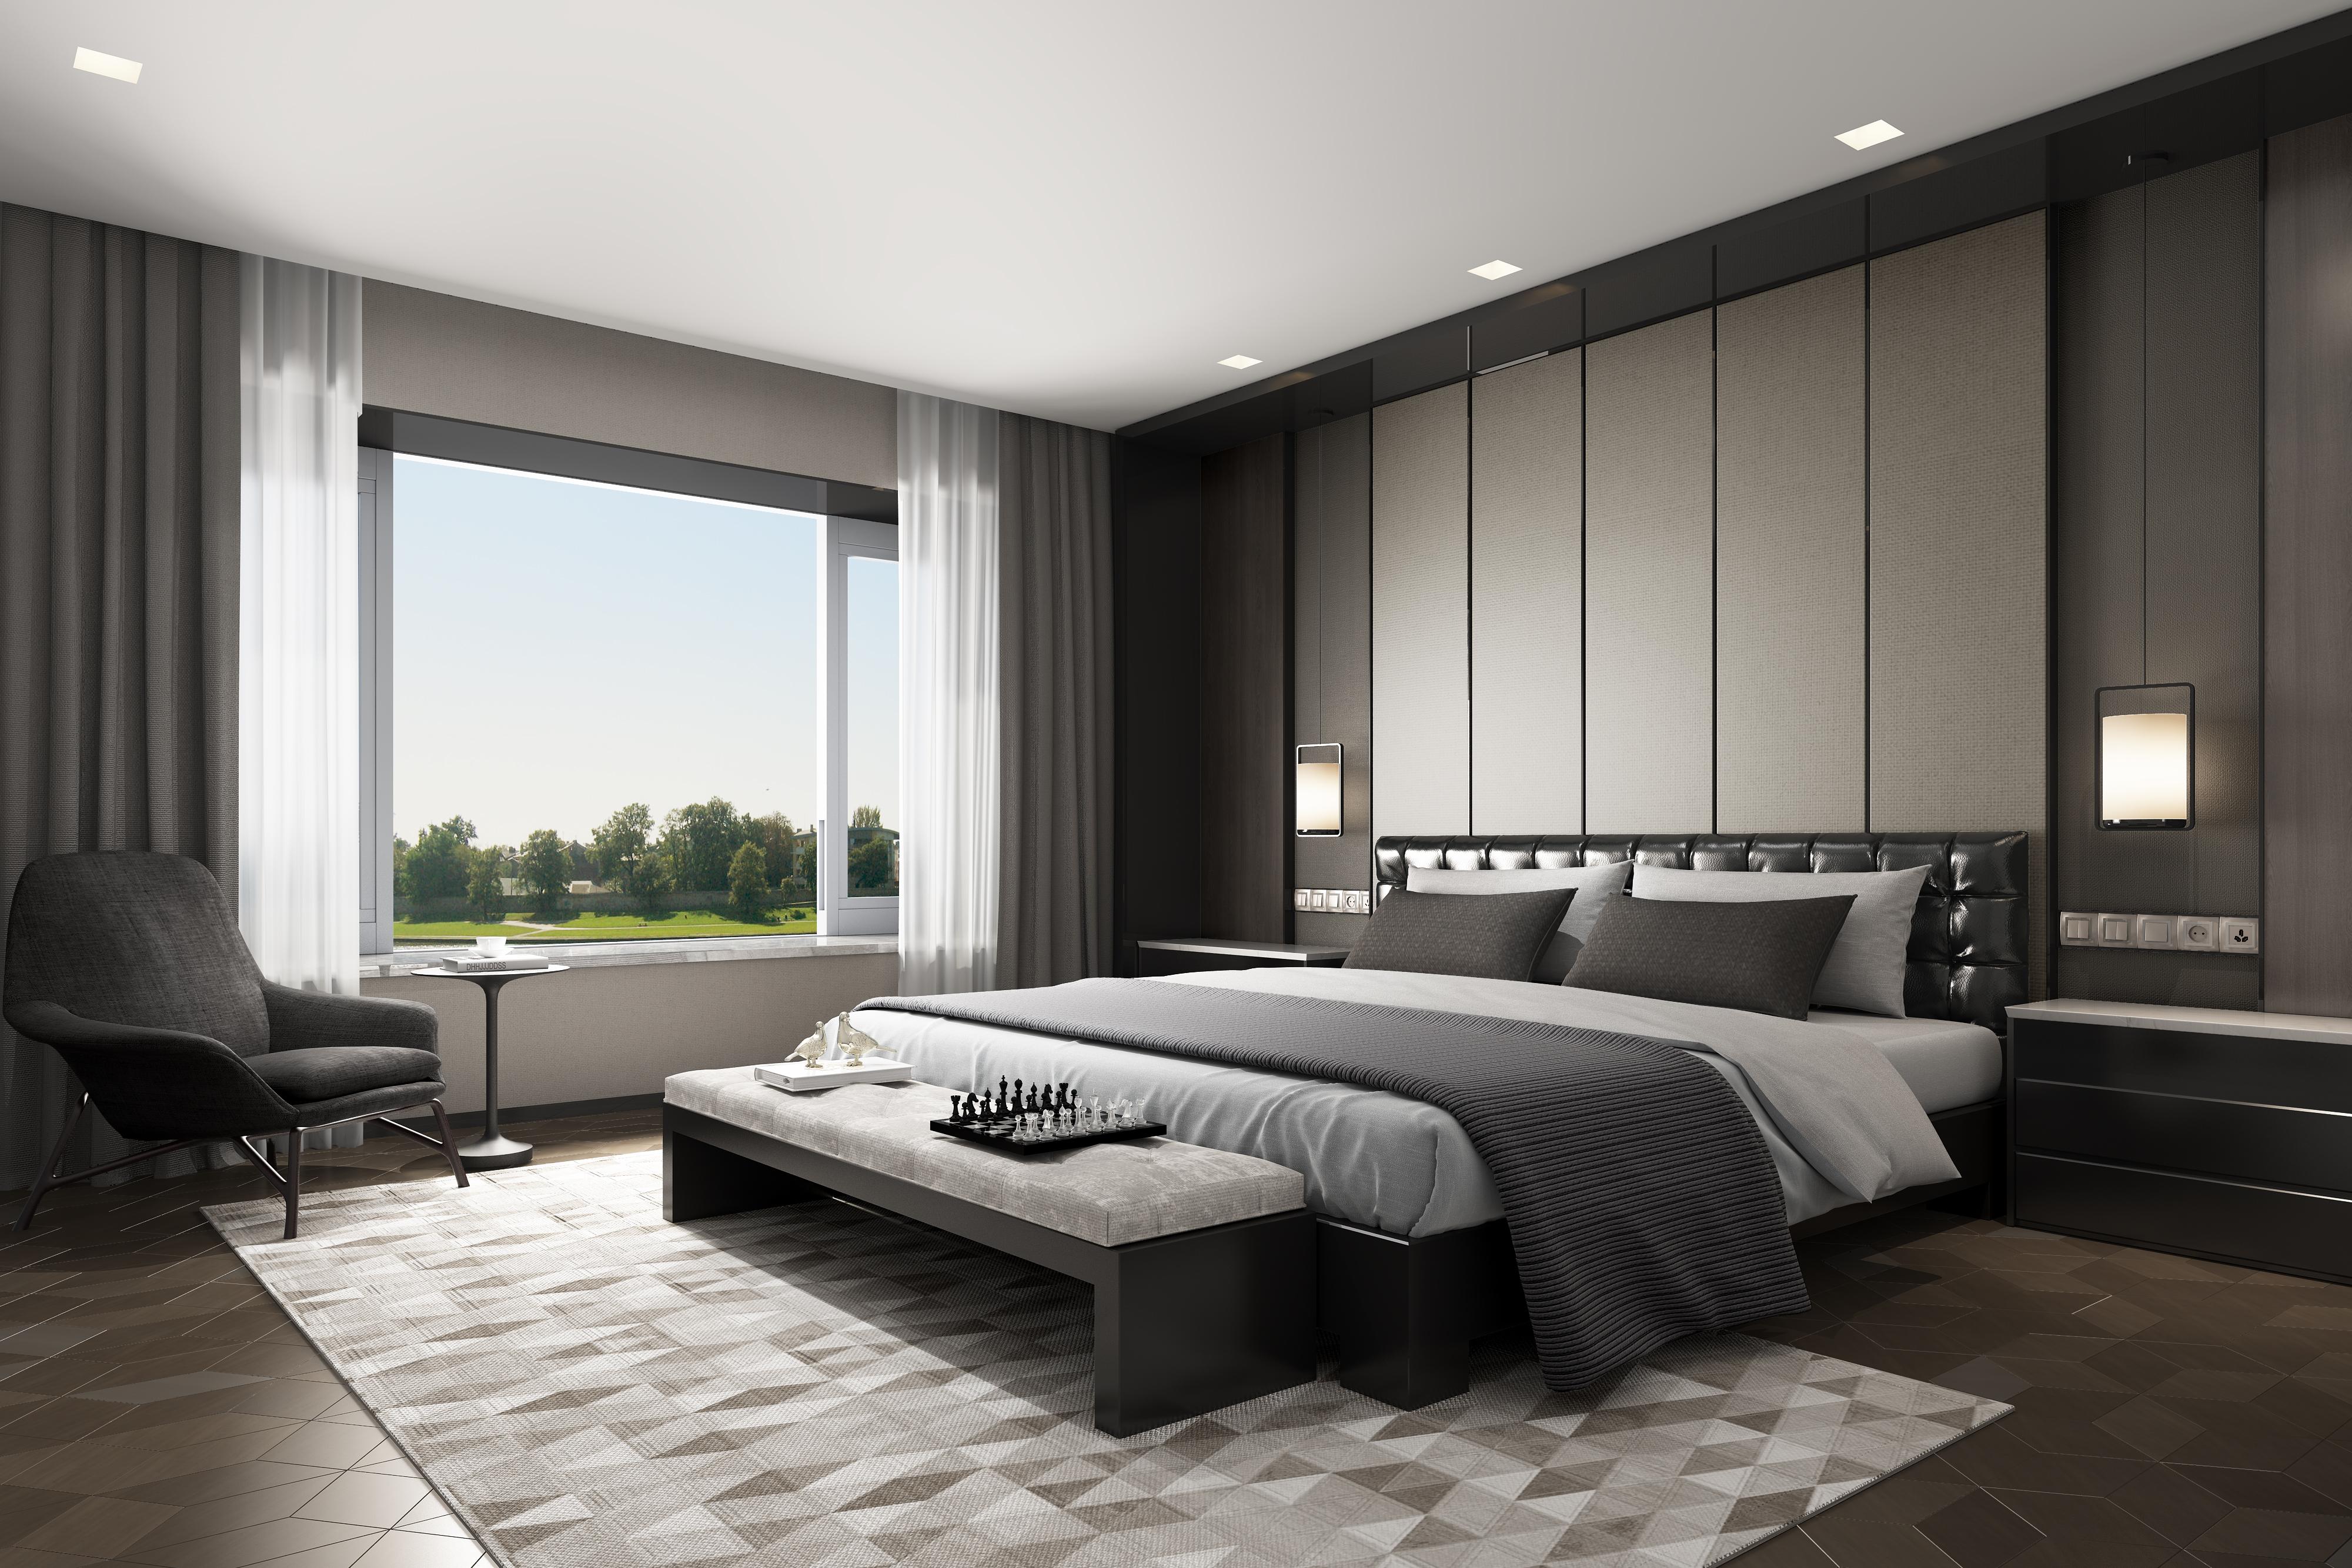 现代卧室|空间|室内设计|五月一梦 - 原创作品 - 站酷